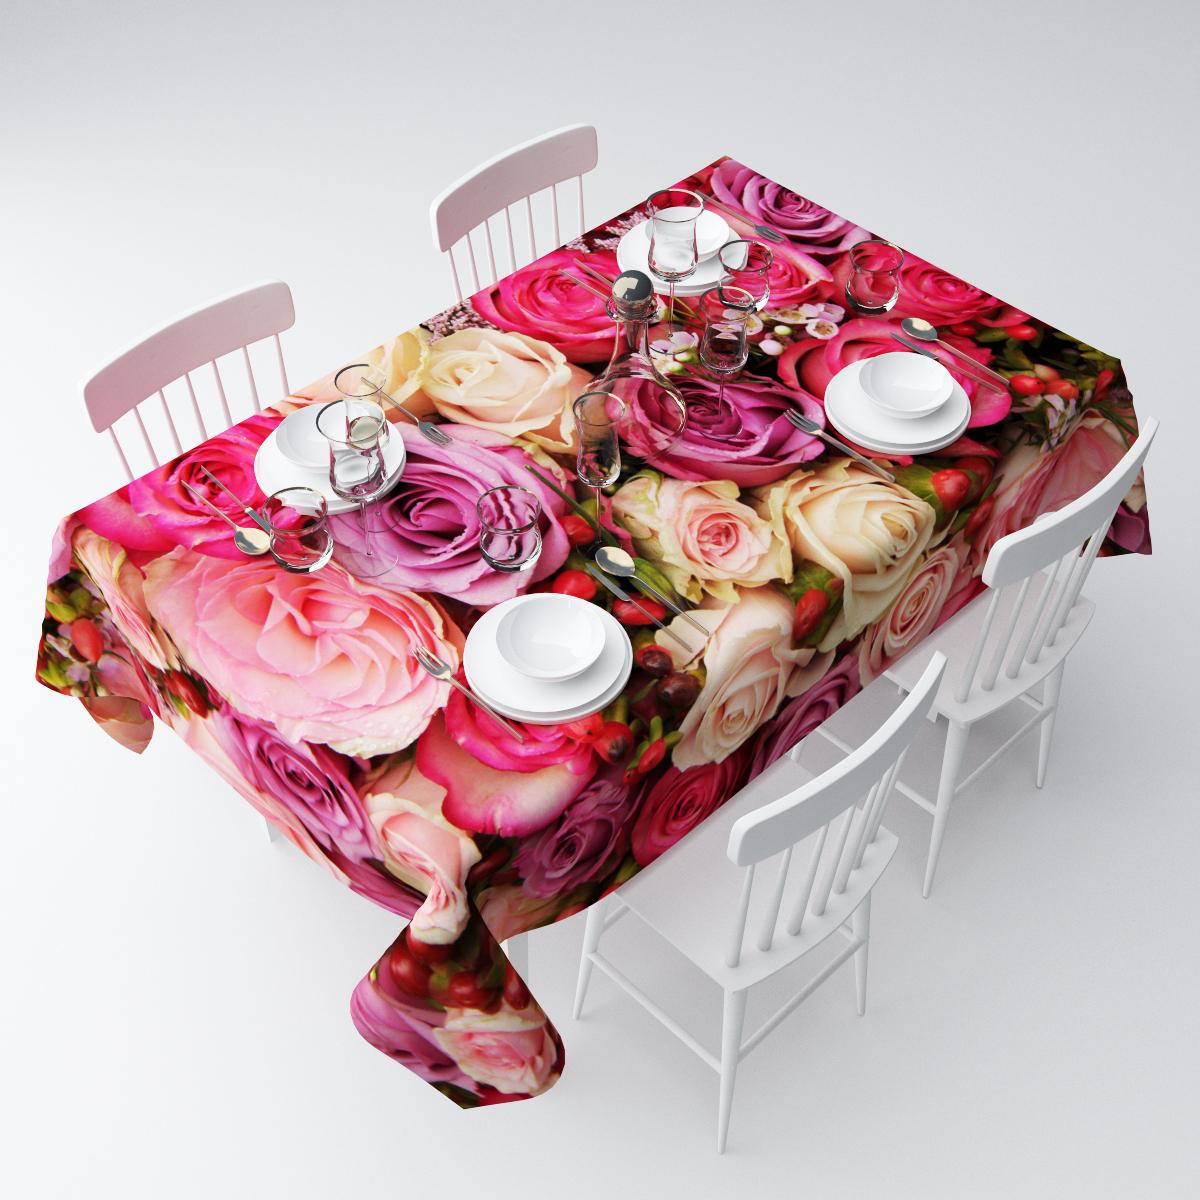 Скатерть Сирень Восхитительный букет роз, прямоугольная, 145 х 220 см картины сирень картина ароматный букет